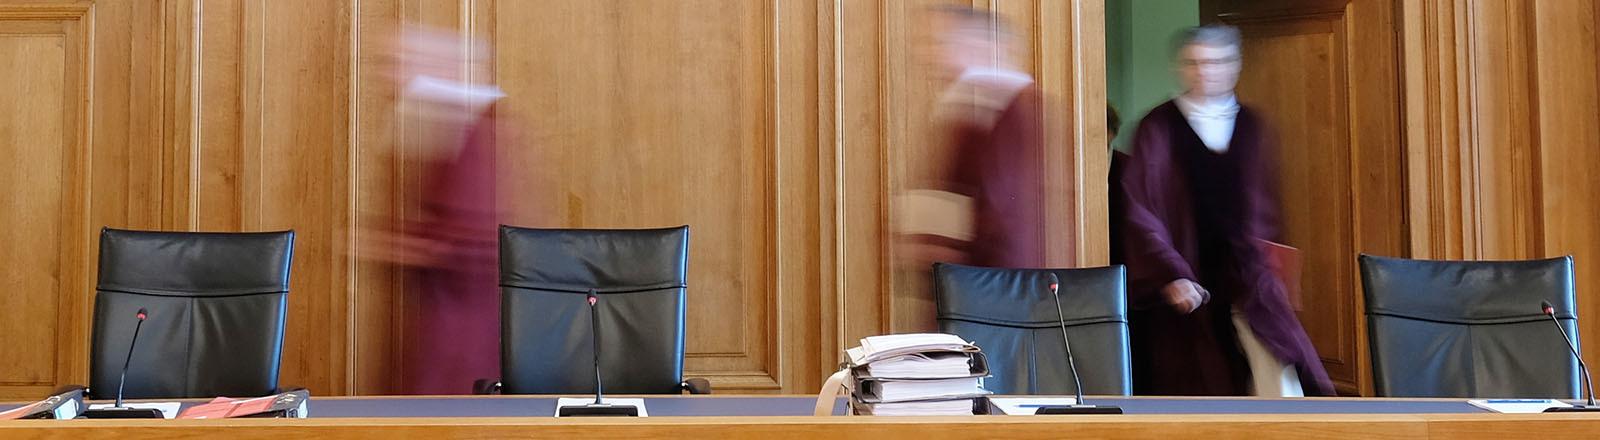 Die Richter des Bundesgerichtshofes (BGH) betreten einen Verhandlungssaal im Gebäude des Bundesverwaltungsgerichtes in Leipzig (am 28.06.2017); sie sind nur unscharf zu erkenne; Foto: dpa